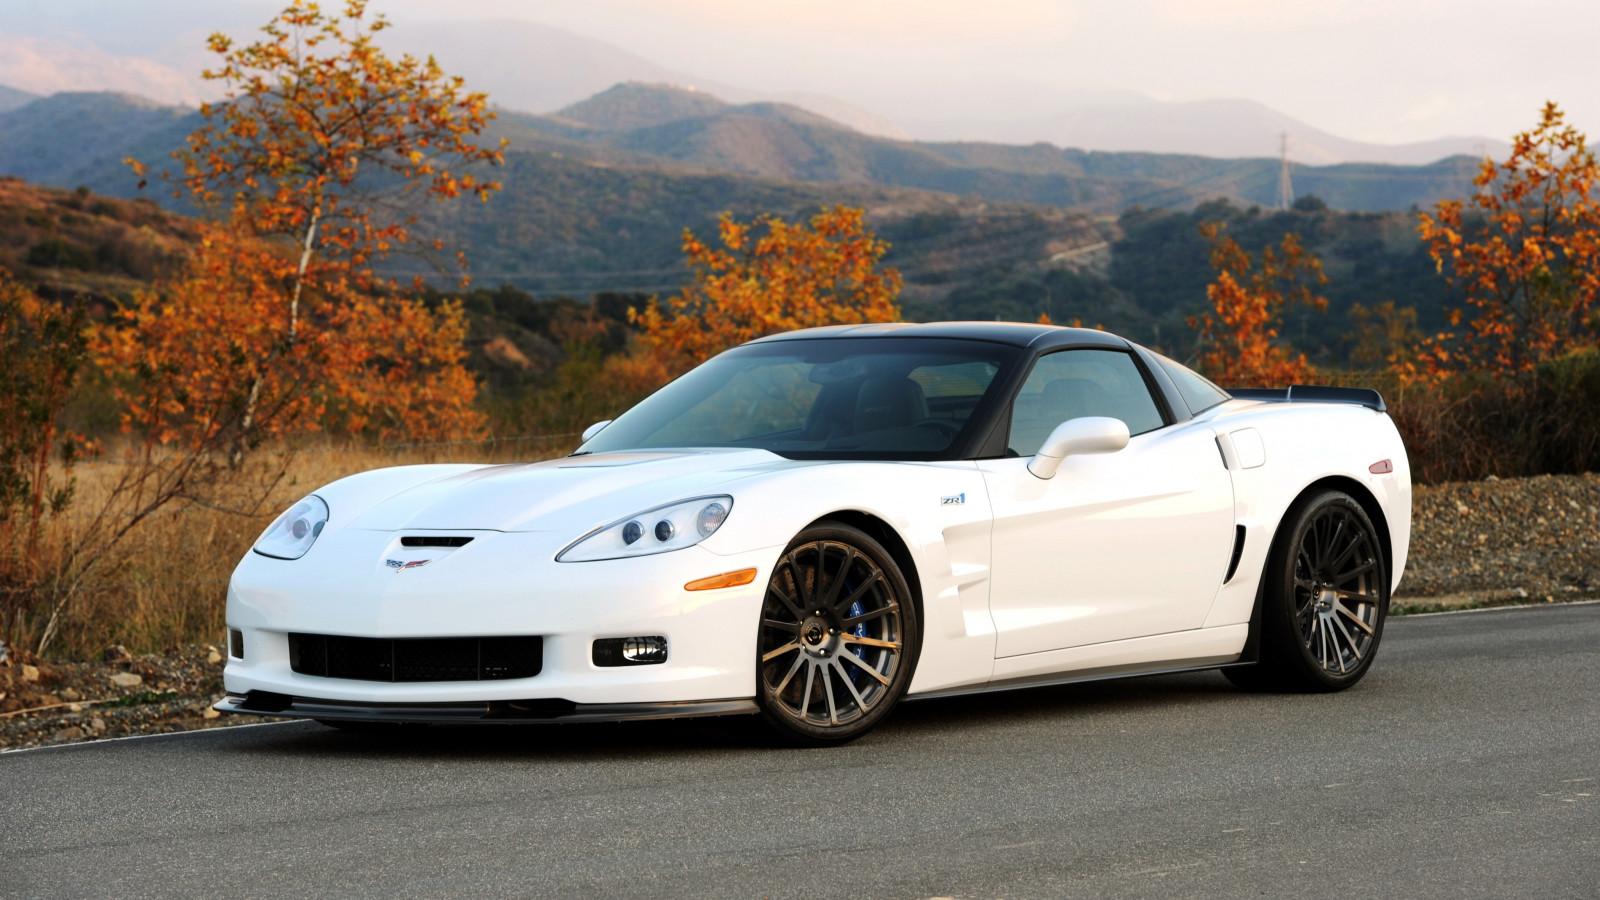 fotos corvette c6 - photo #10